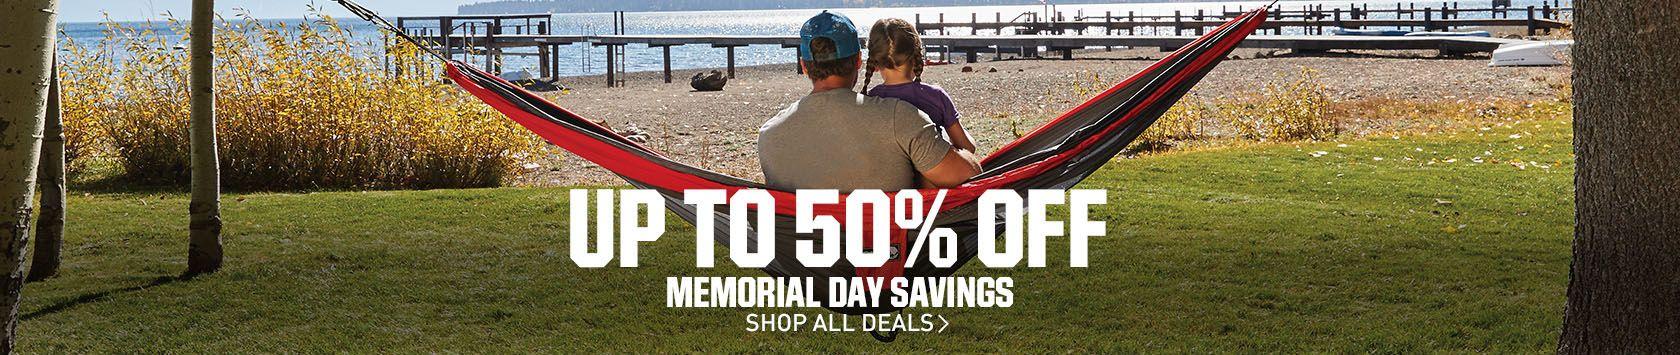 Shop Memorial Day Savings